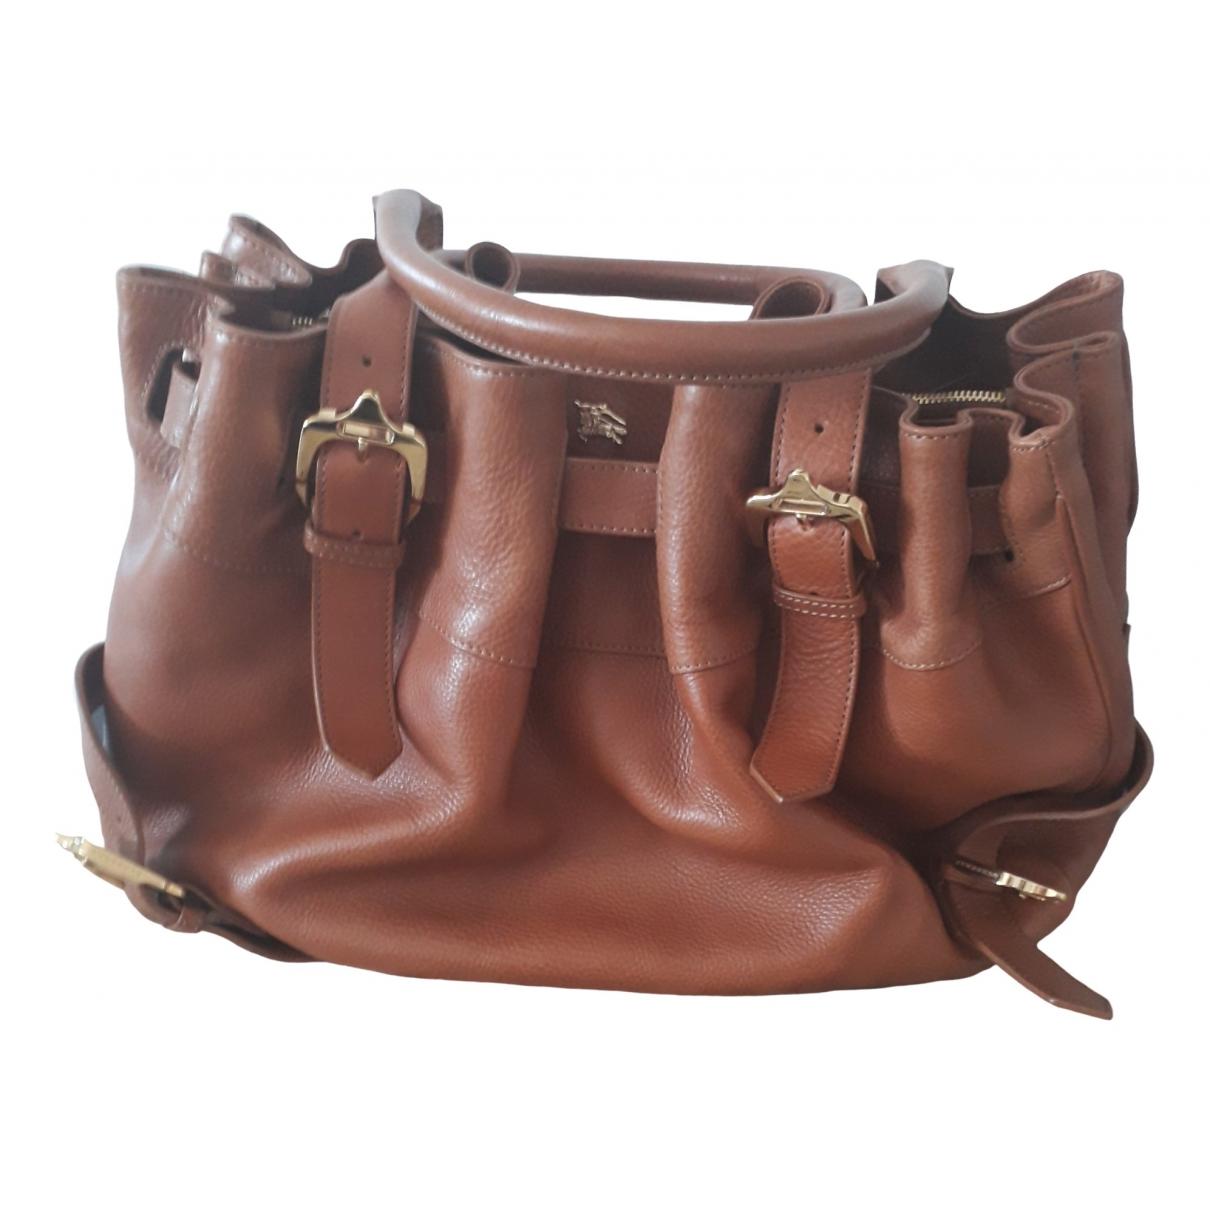 Burberry - Sac a main   pour femme en cuir - marron